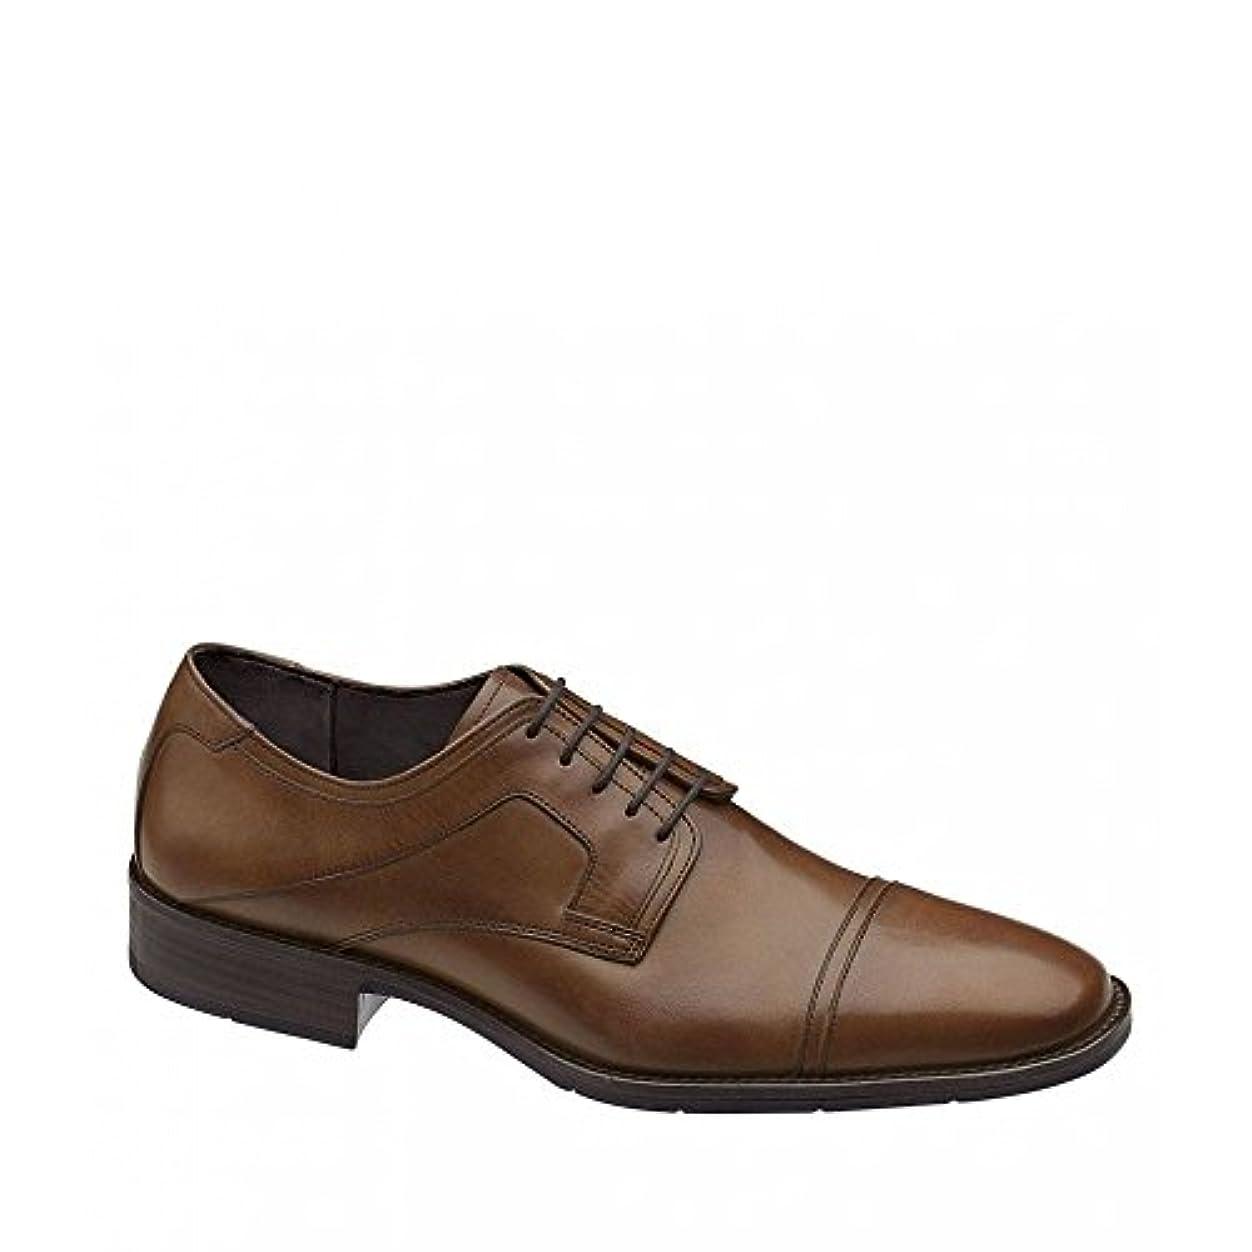 数字キャビン許可する(ジョンストン&マーフィー) Johnston & Murphy メンズ シューズ?靴 革靴?ビジネスシューズ Larsey Cap-Toe Dress Shoes [並行輸入品]